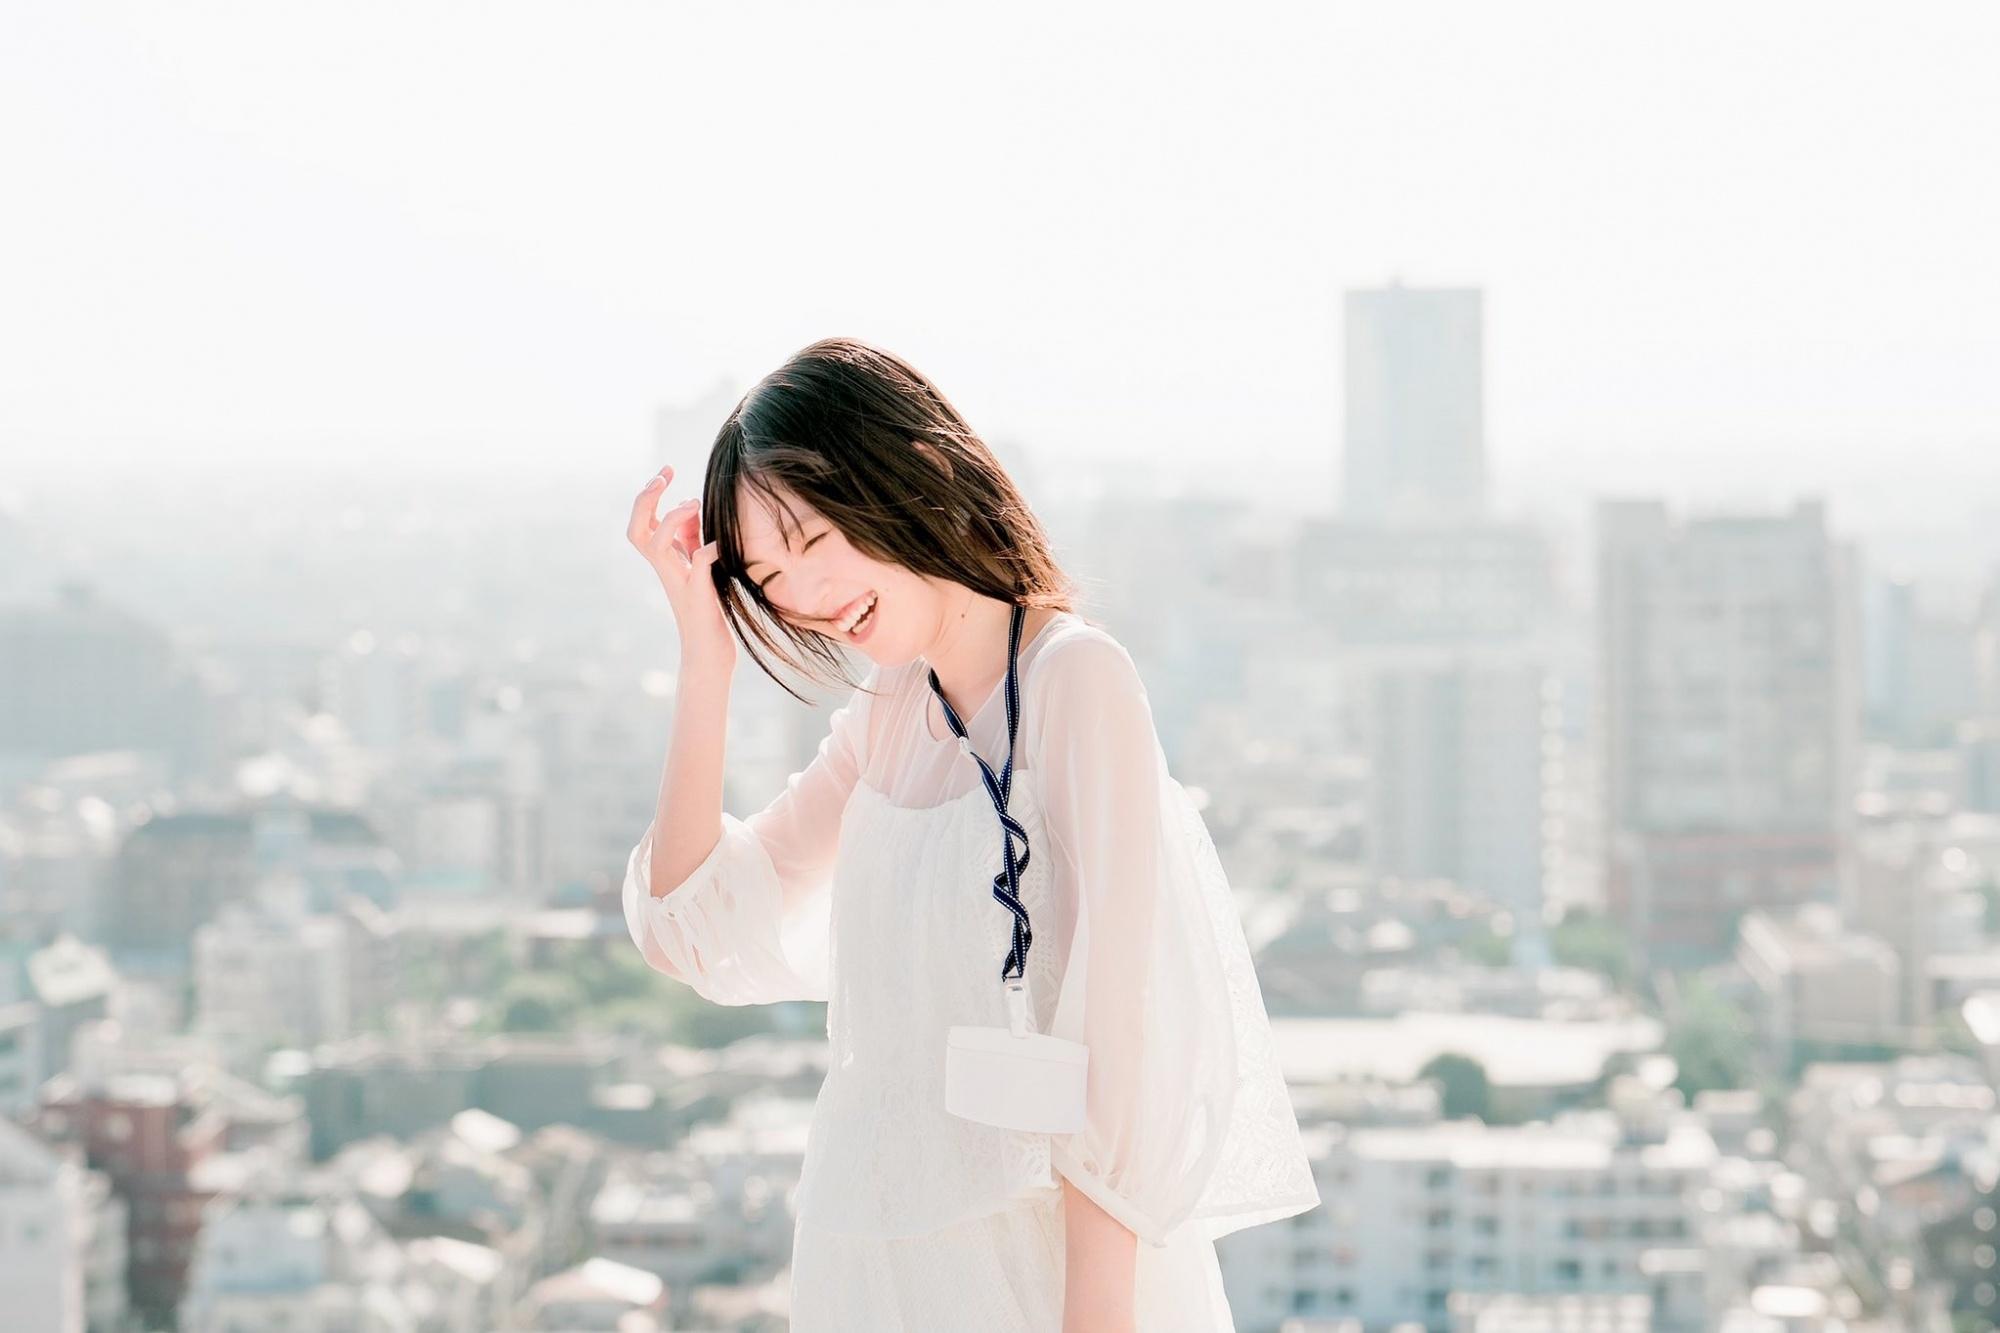 气质萌系声优「中岛由贵」甜美笑容让人秒沦陷,宅男心目中理想女友-新图包